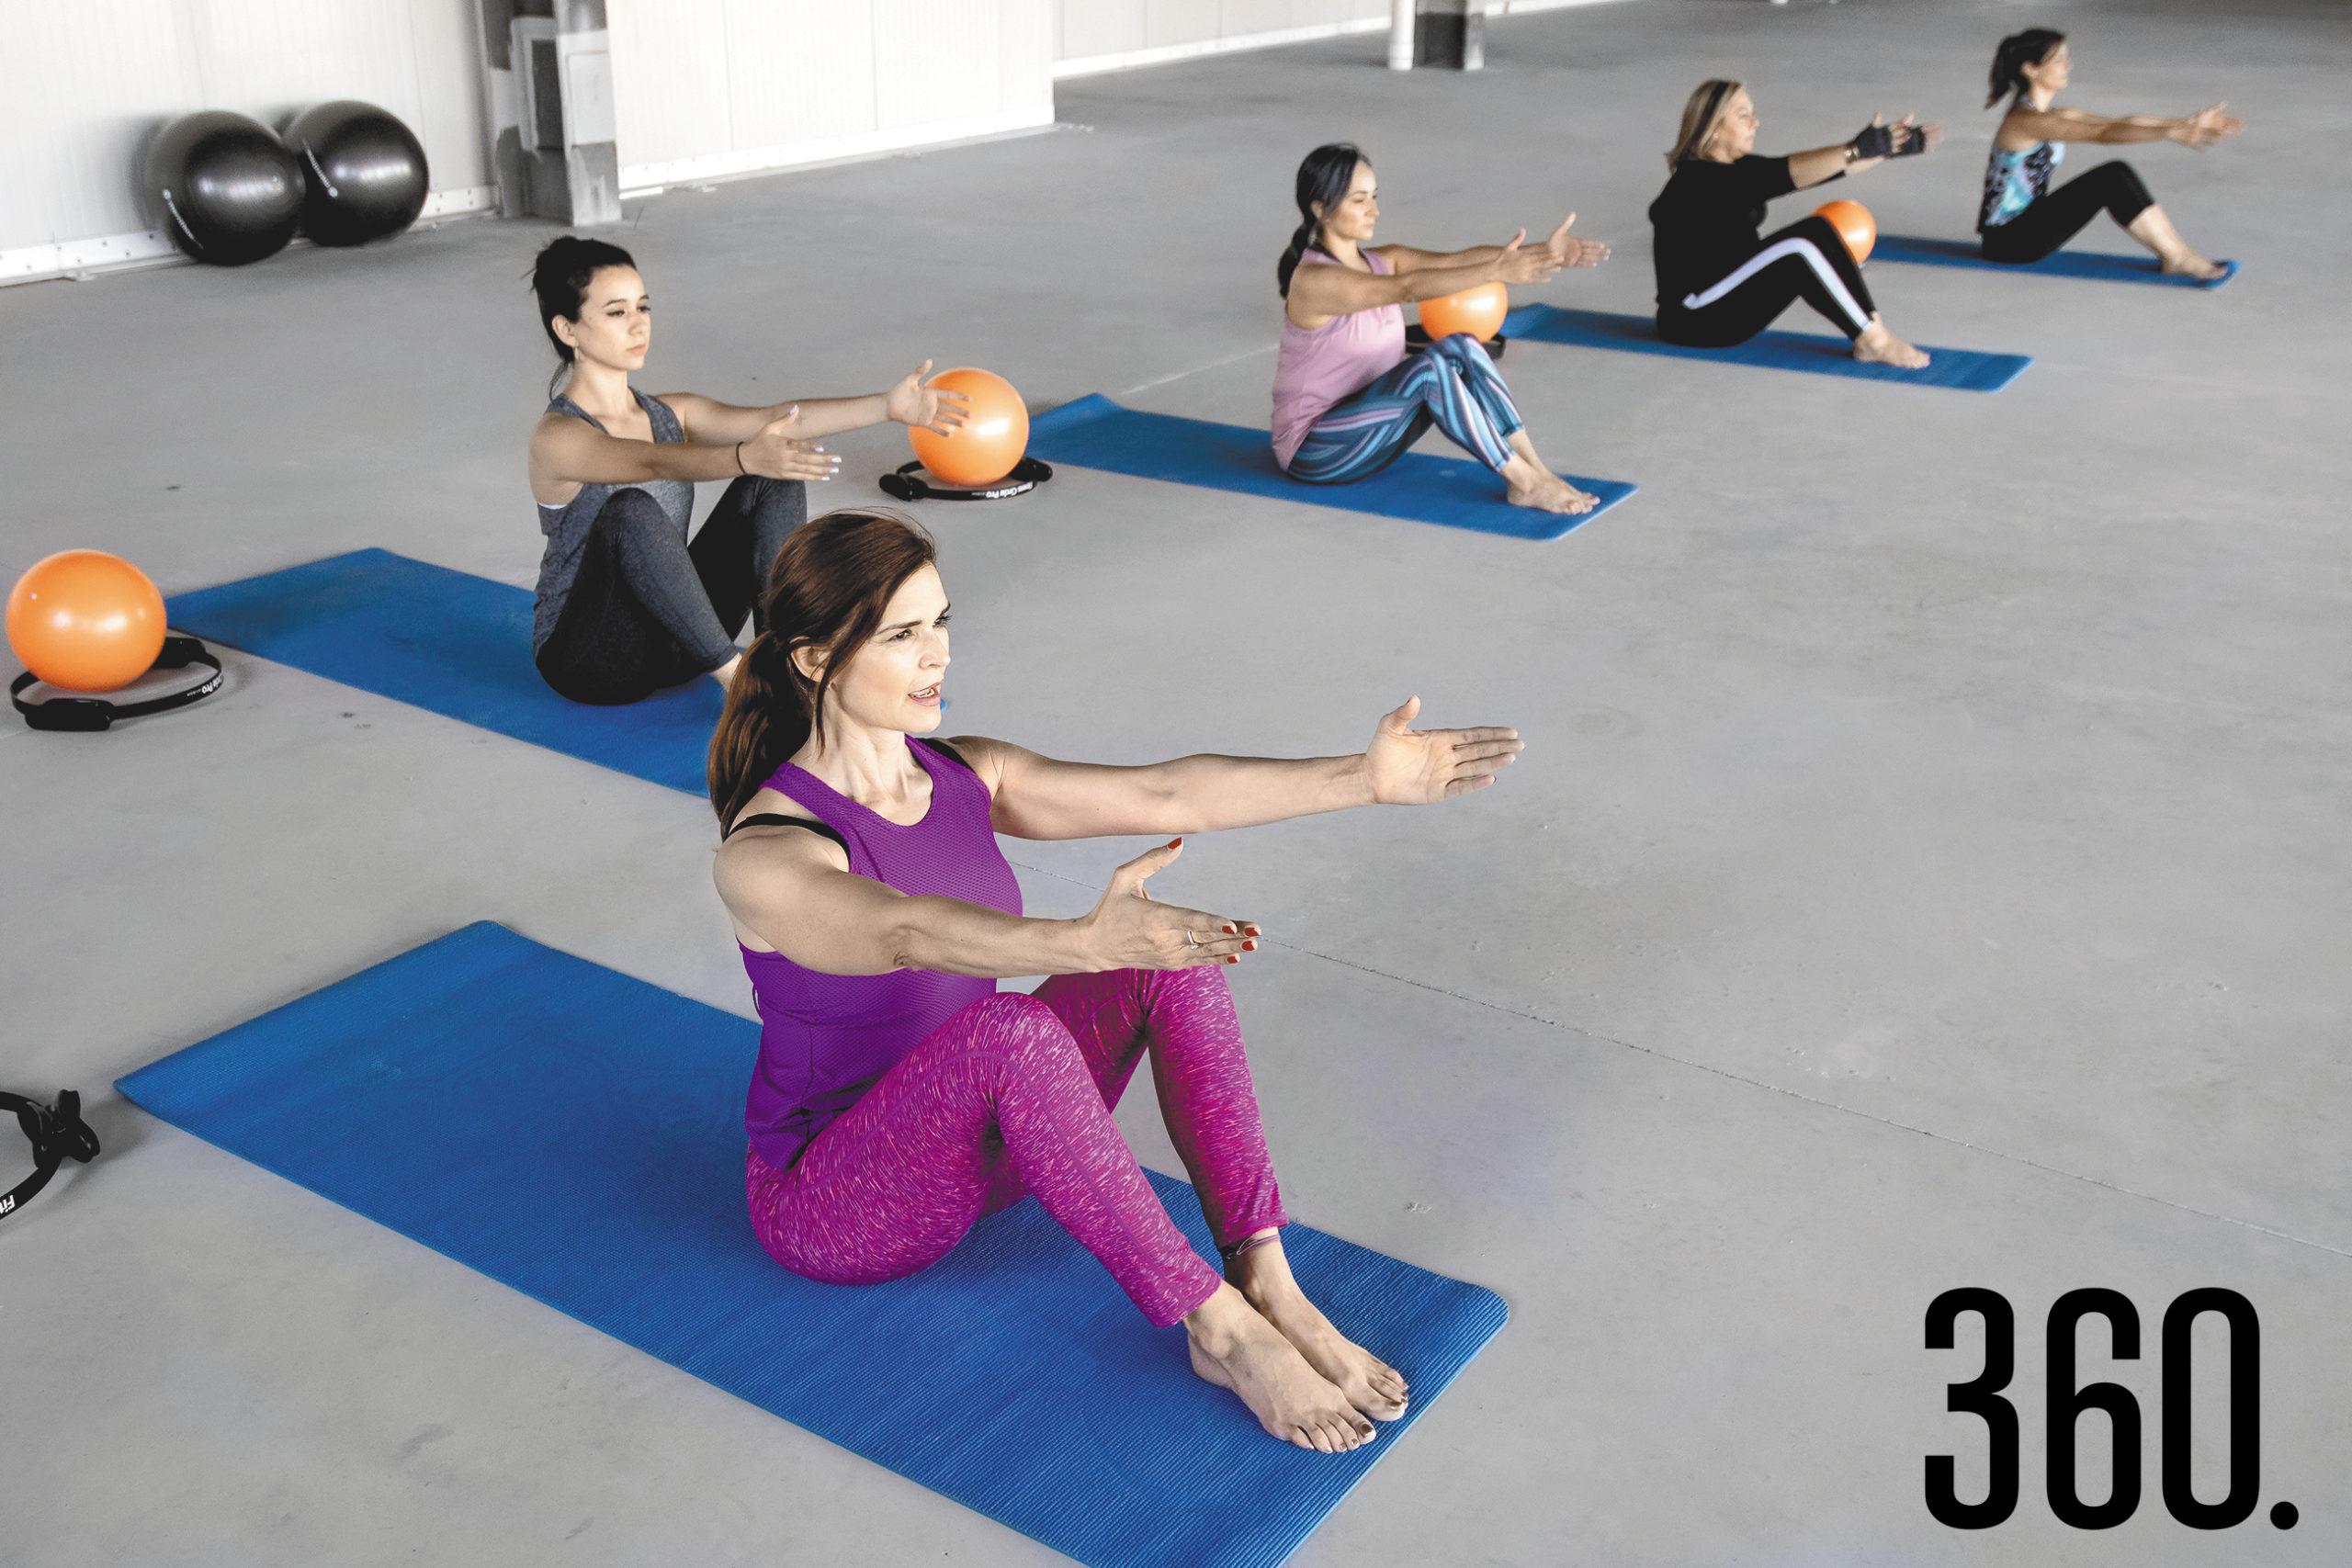 Hacer pilates da fuerza y estabilidad interna, reduce el estrés y el dolor de espalda.